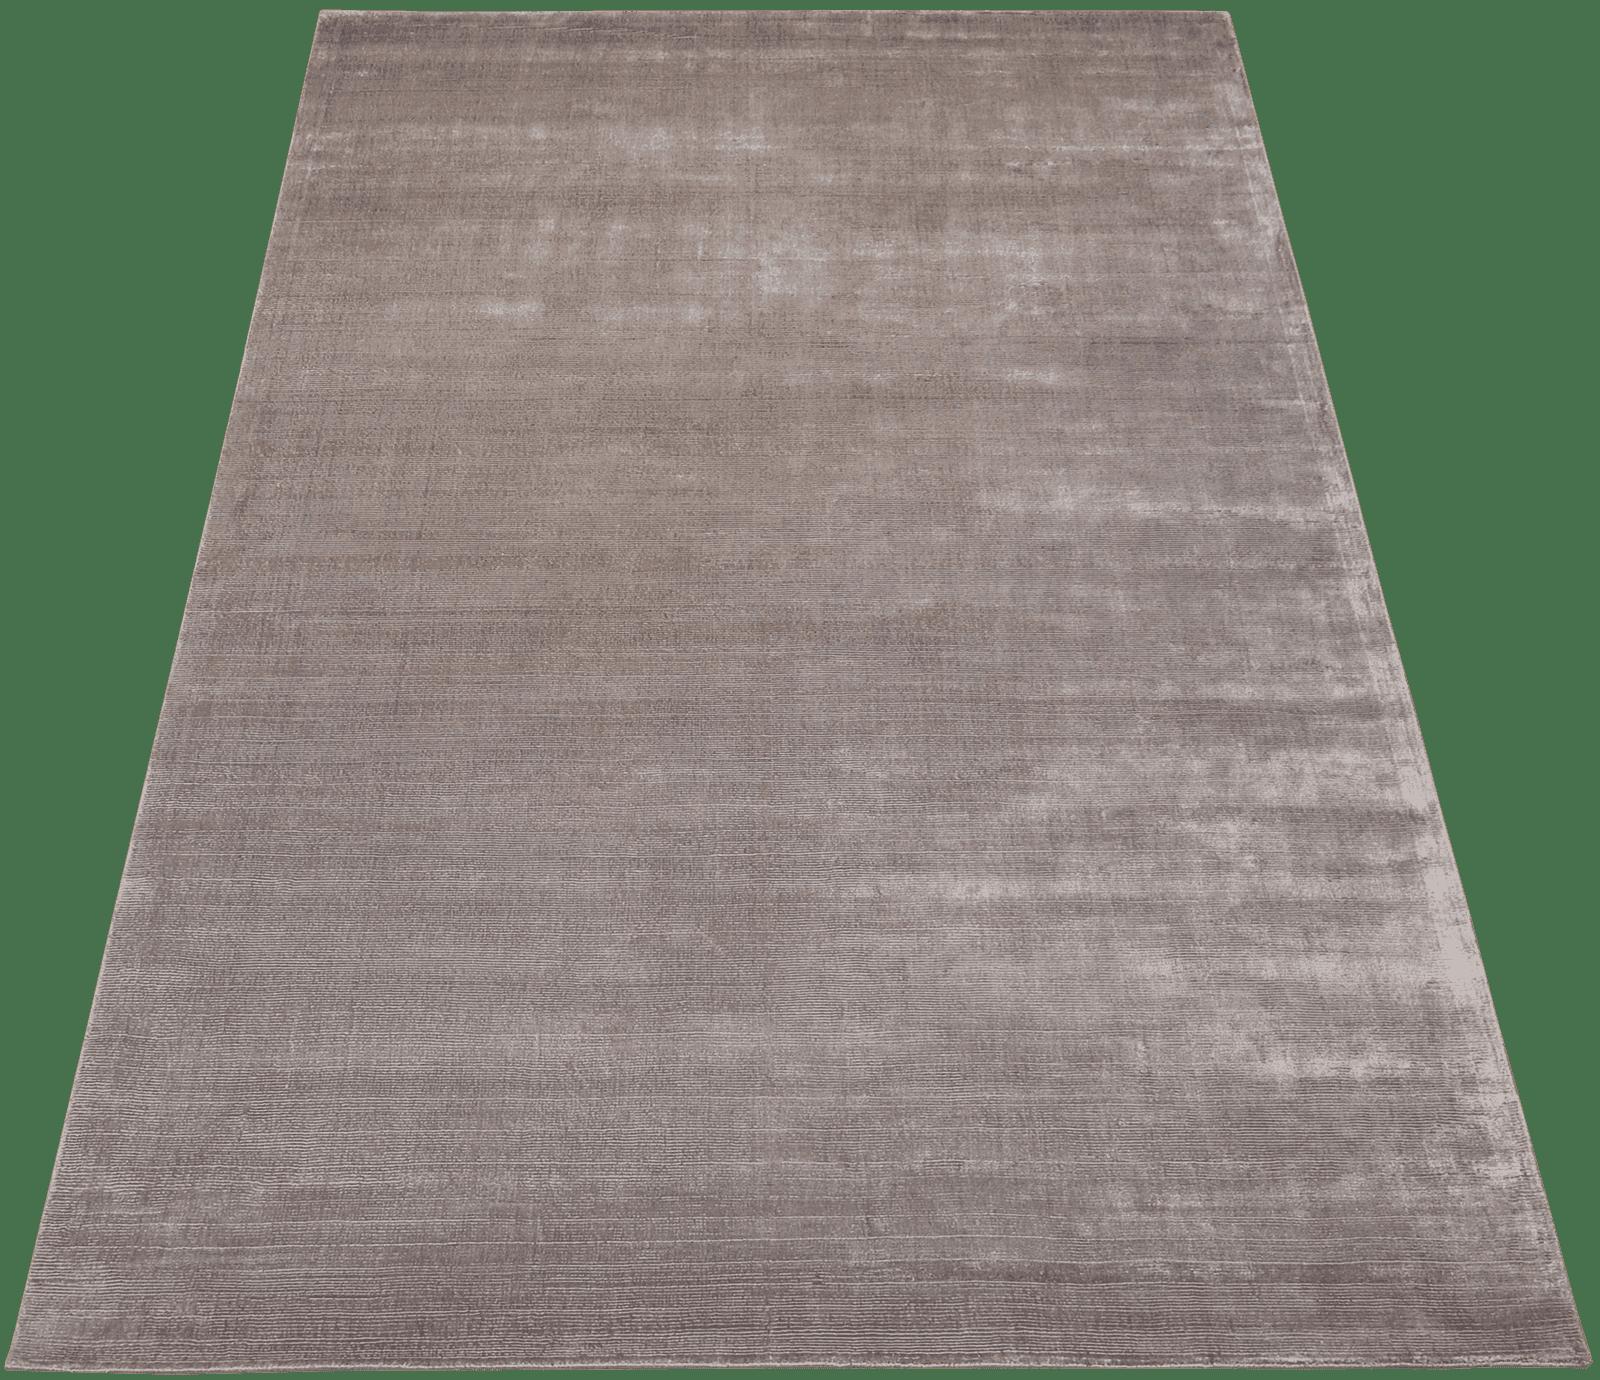 monalisa-design-tapijt-moderne-tapijten-handgeknoopte-design-exclusieve-luxe-vloerkleden-grijs-taupe-300x200-koreman-maastricht-3977-persp.png